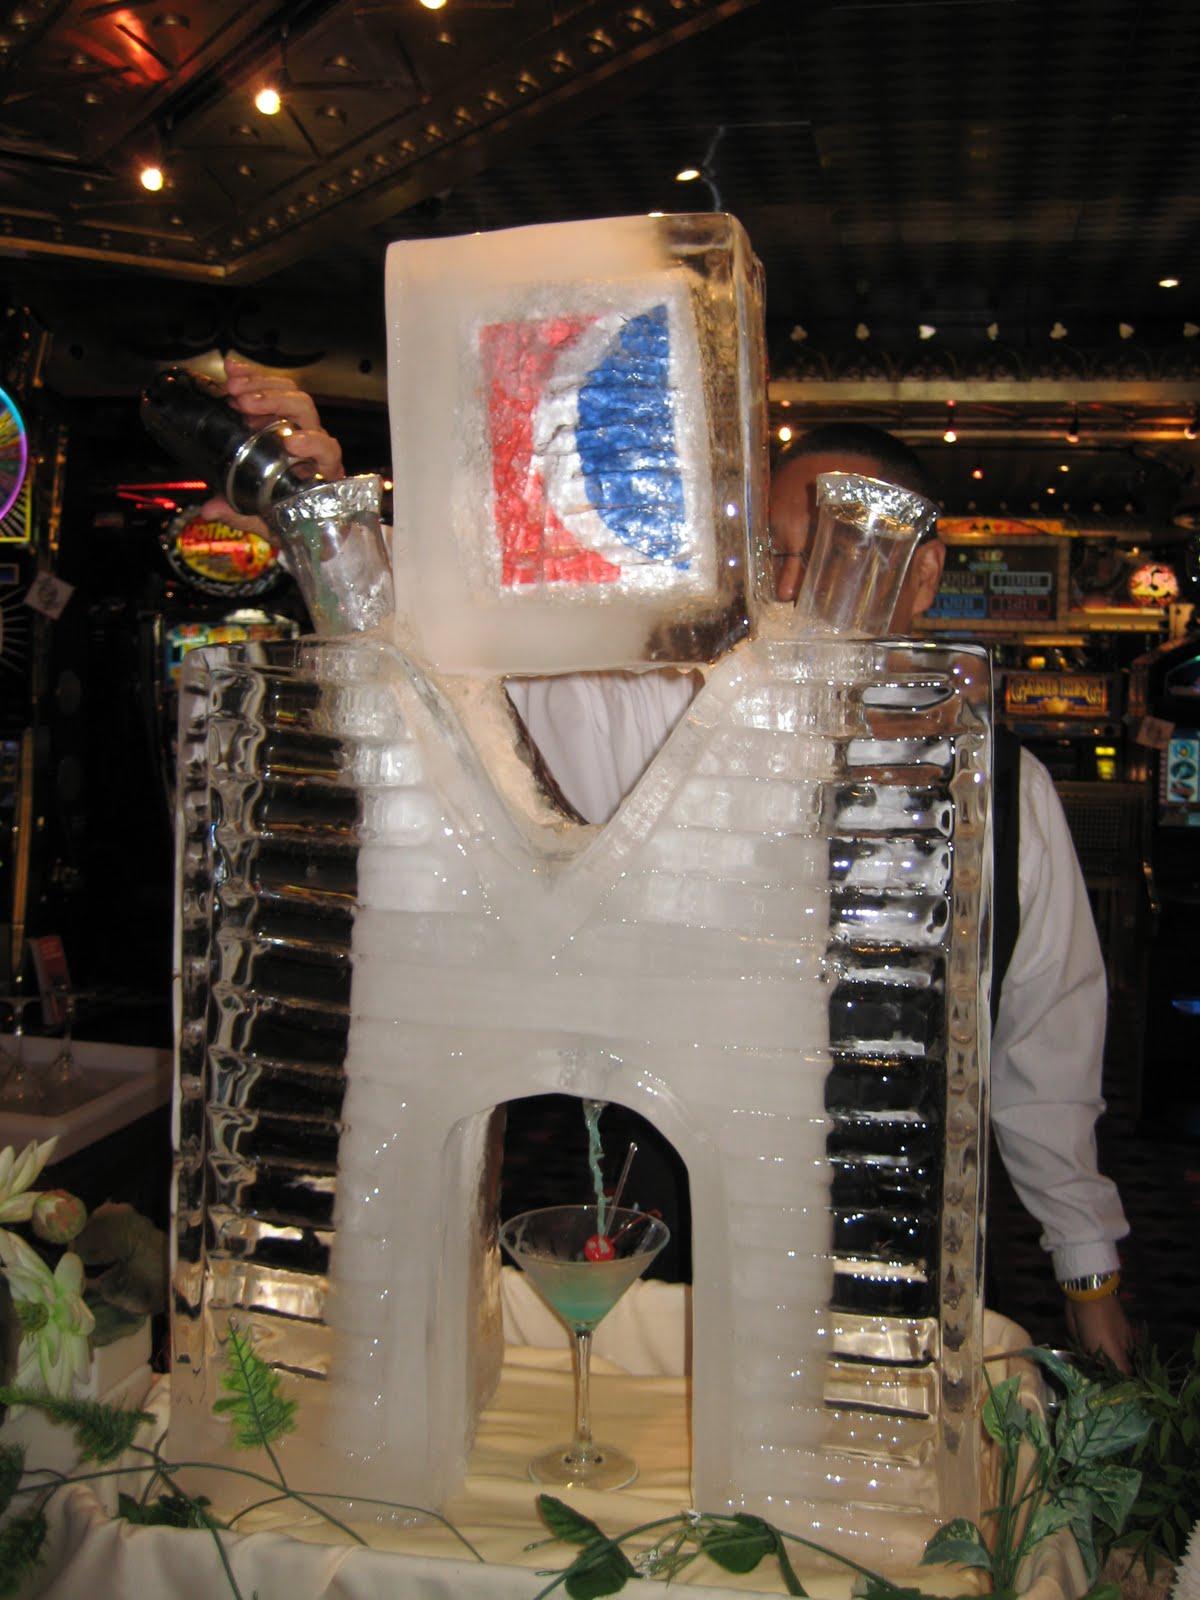 http://4.bp.blogspot.com/_h5PPzemgrQo/TJg9ipGDPZI/AAAAAAAAAro/jWtujKWhlC4/s1600/Martini.JPG